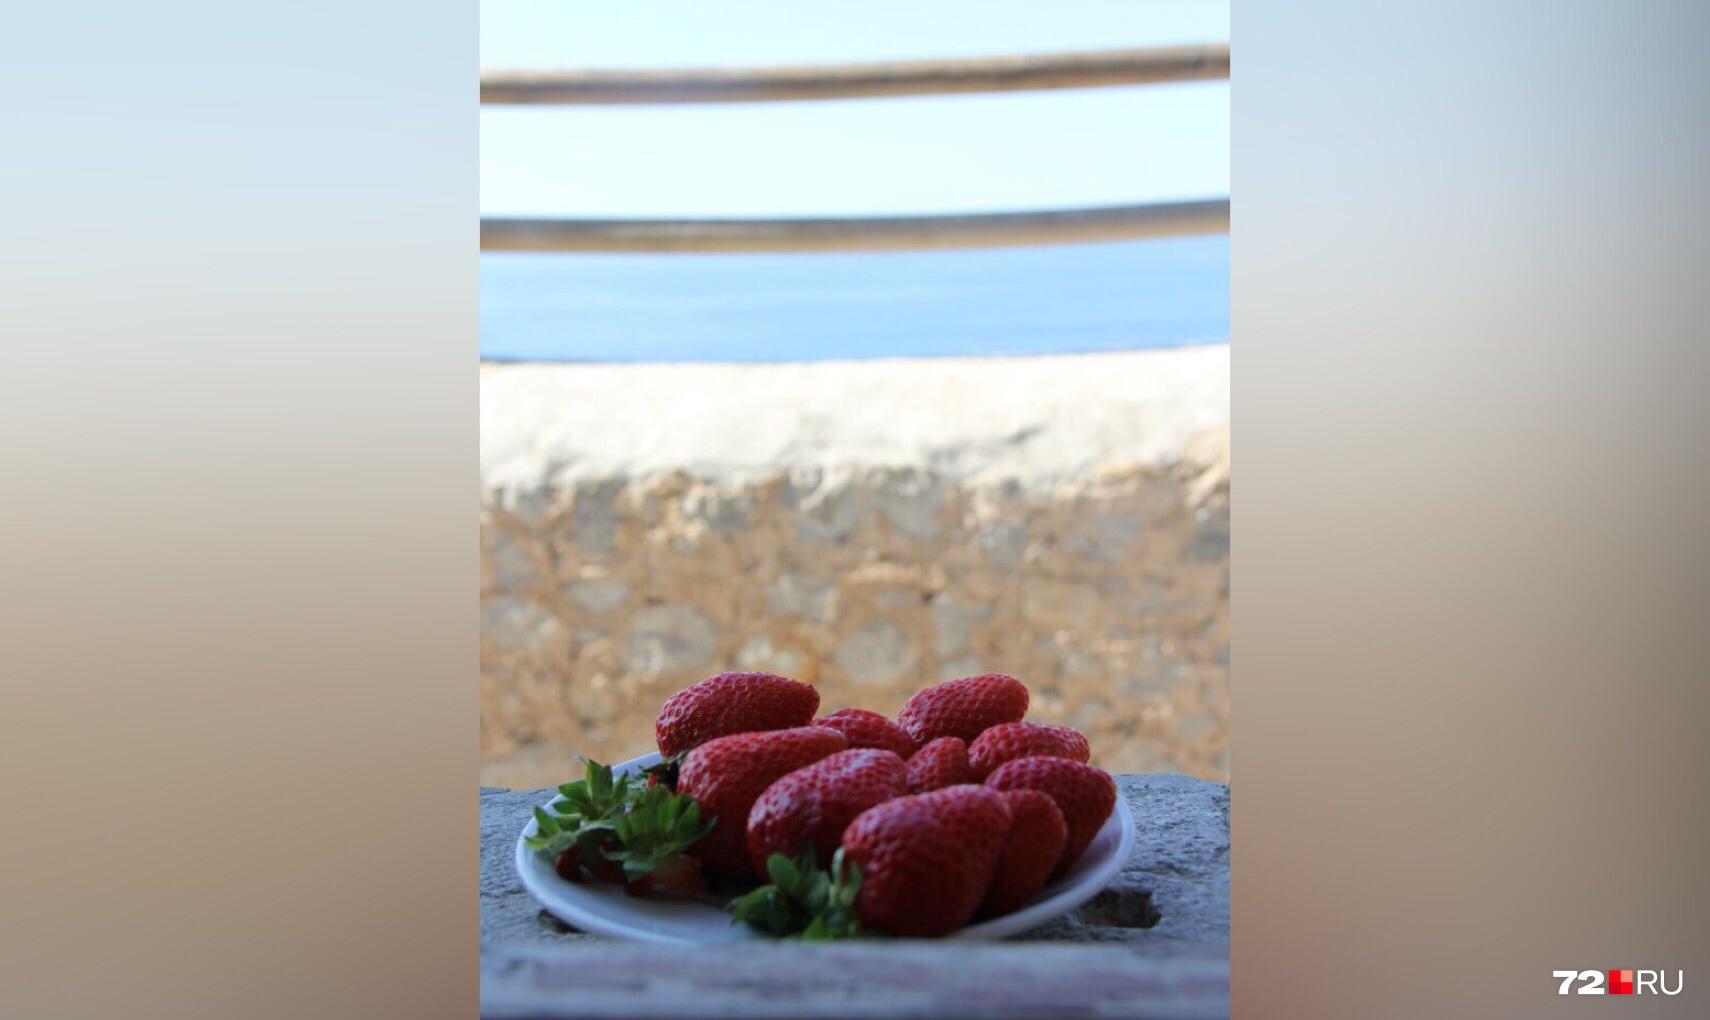 Свежие сладкие ягоды в пересчёте на рубли стоят буквально копейки. А вкусные такие, что захочется добавки